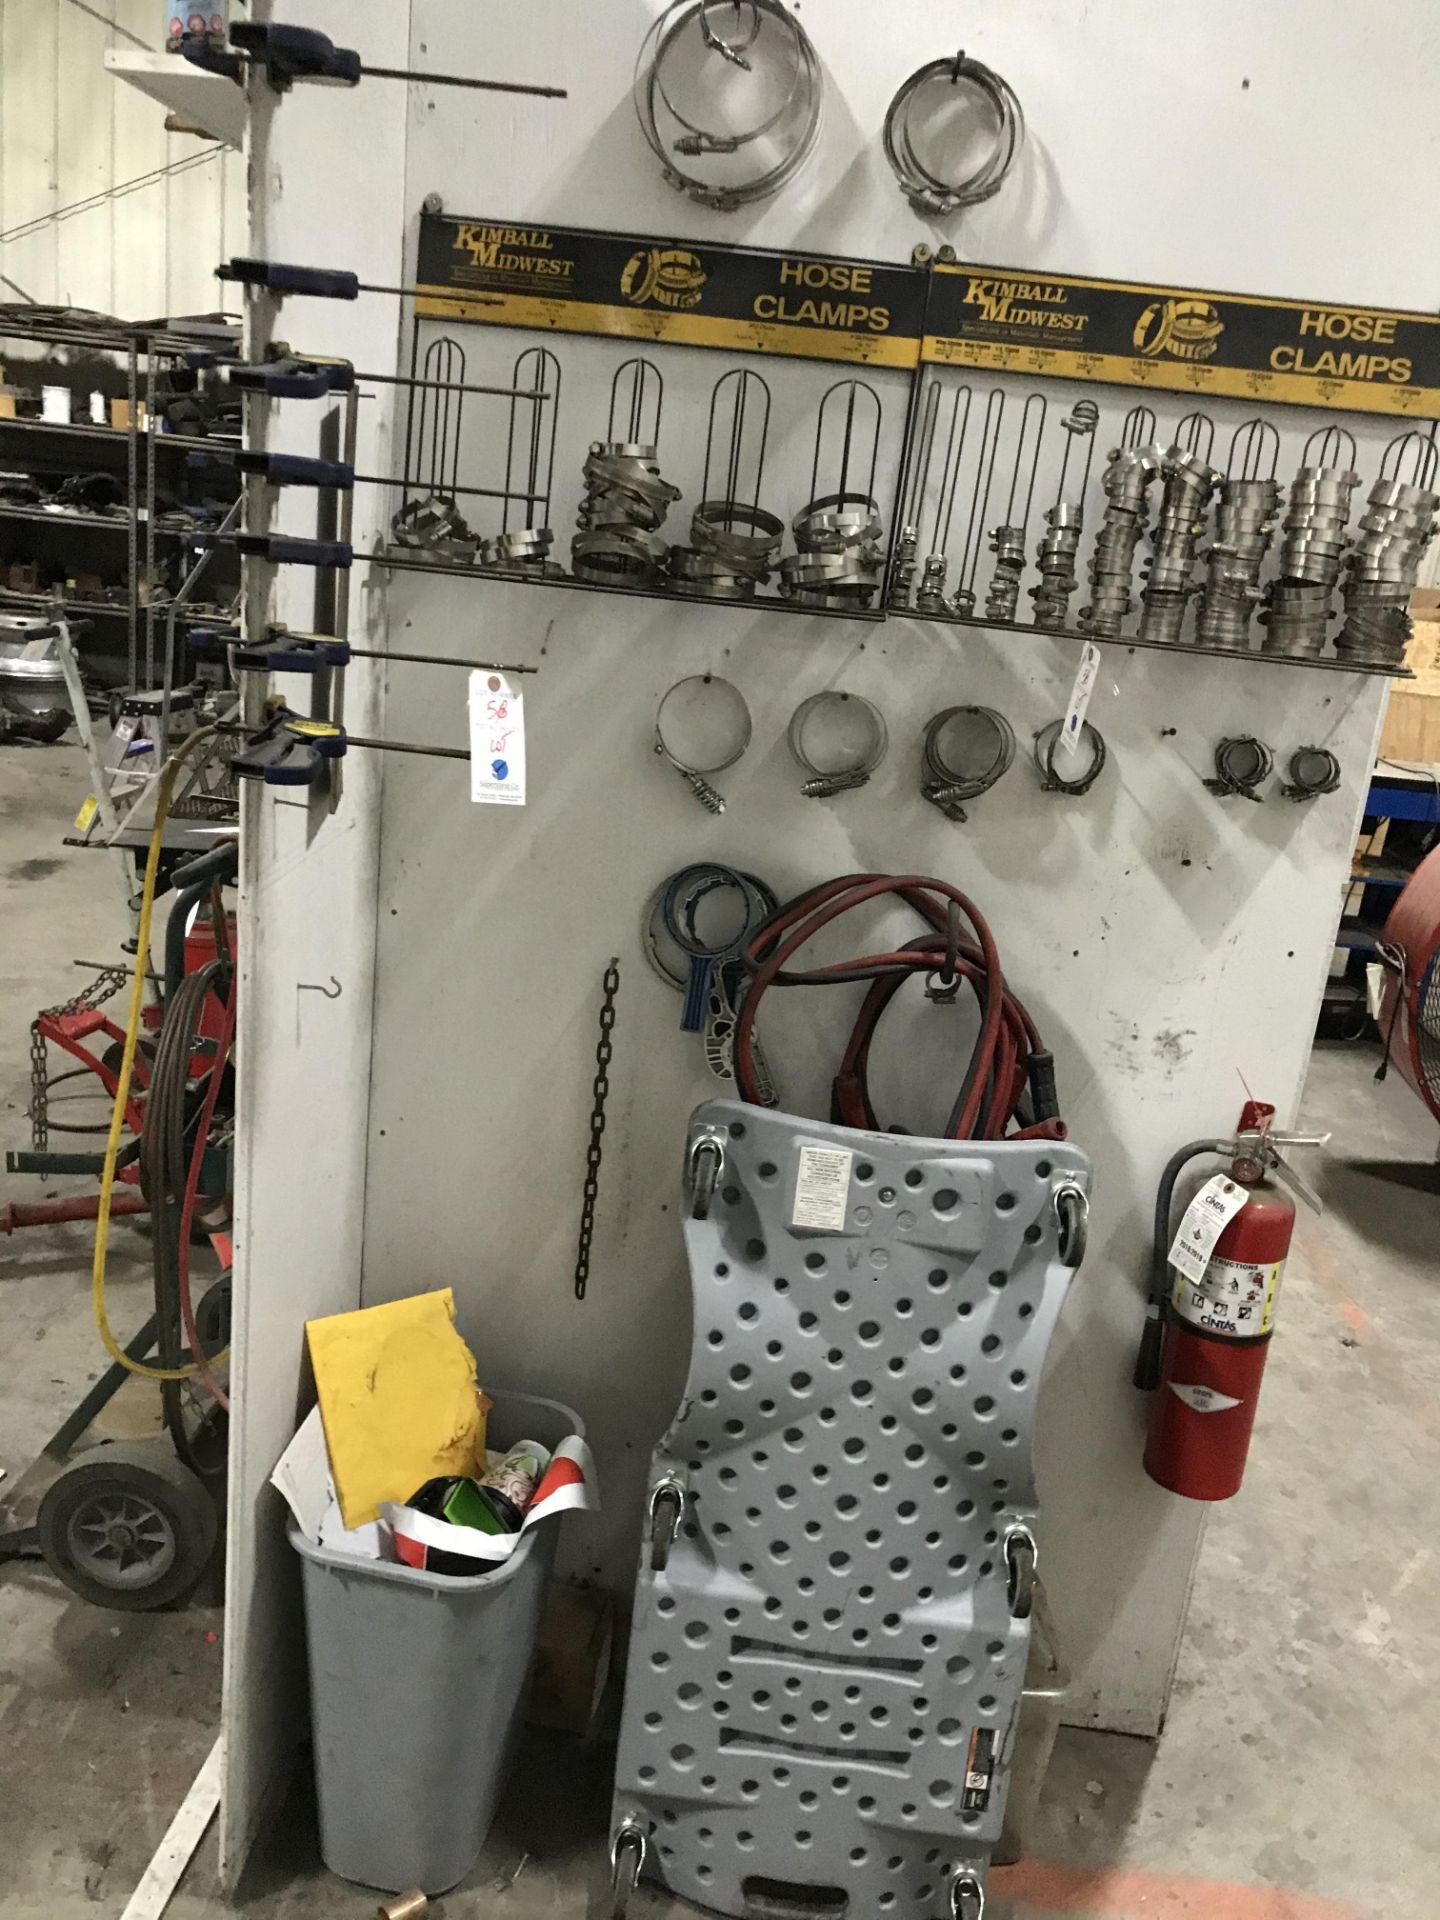 Lot 58 - {LOT} Asst. Clamps, Jumper Cables & Creeper